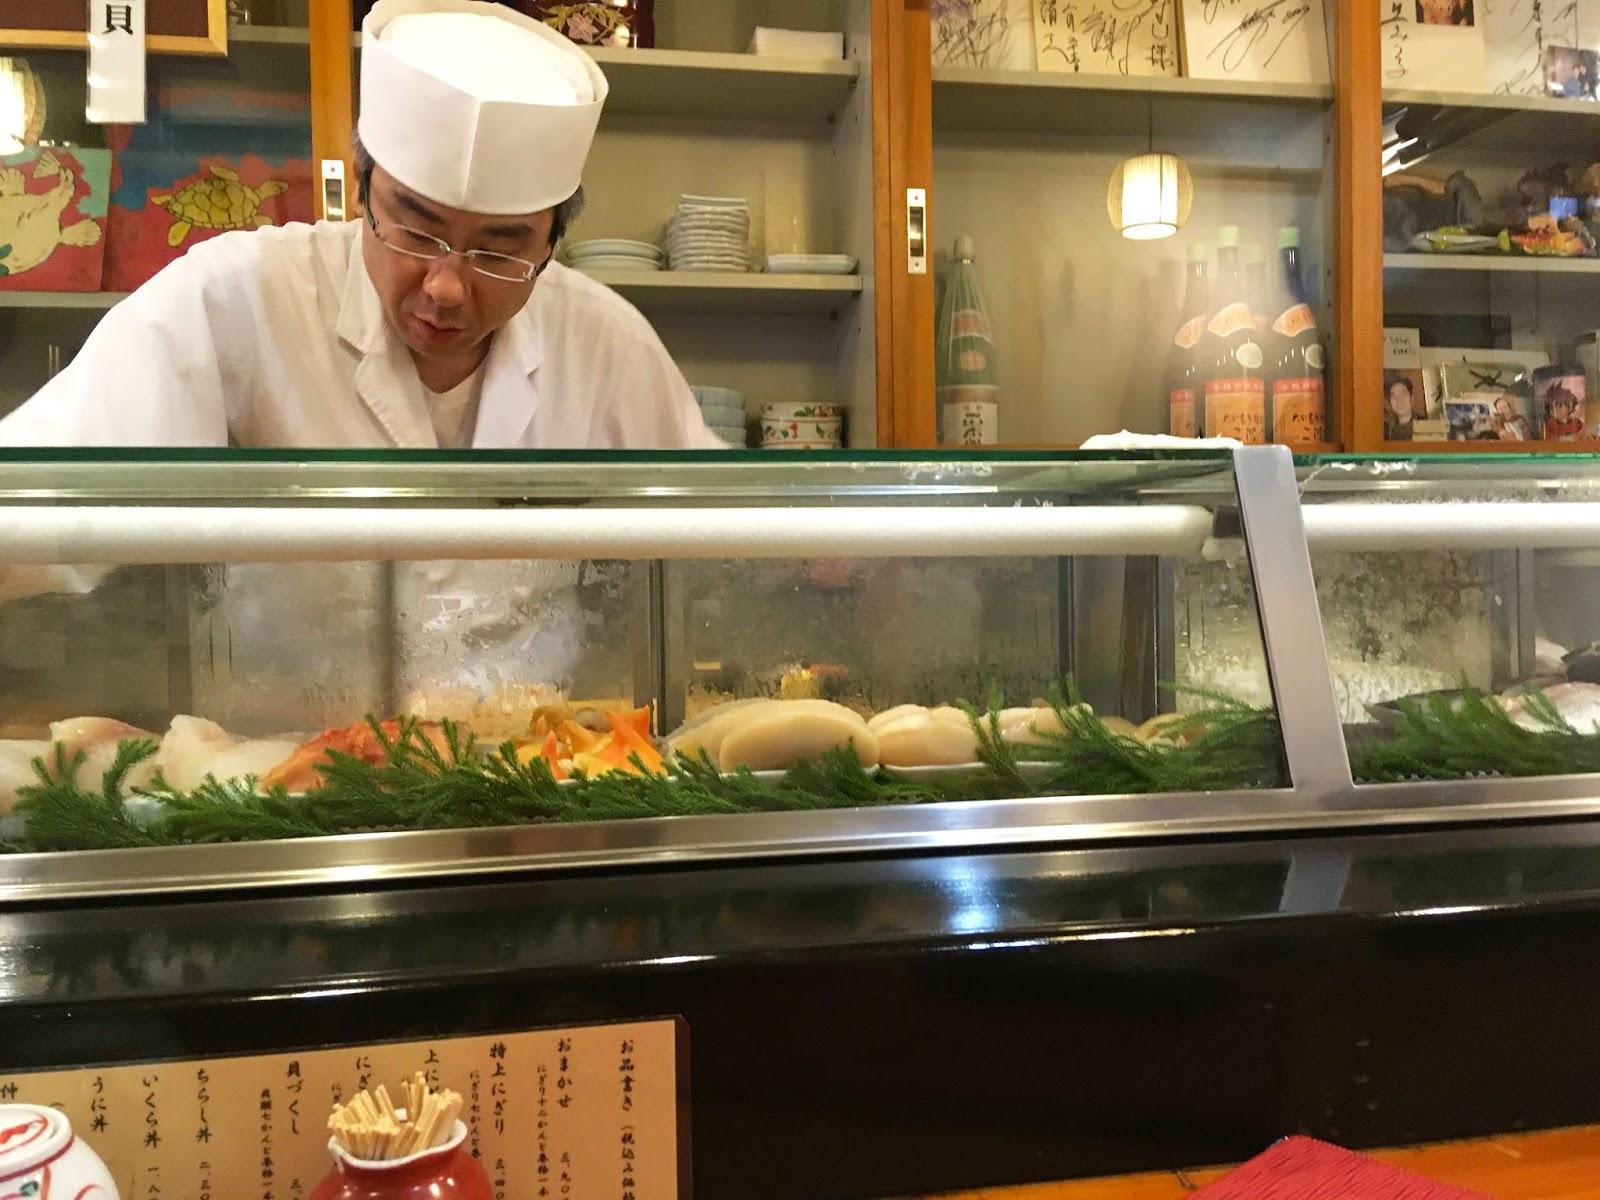 voyage travel au blog japon à Tokyo Shibuya sushi Tsukiji pleins de belle photographies temples et sanctuaires